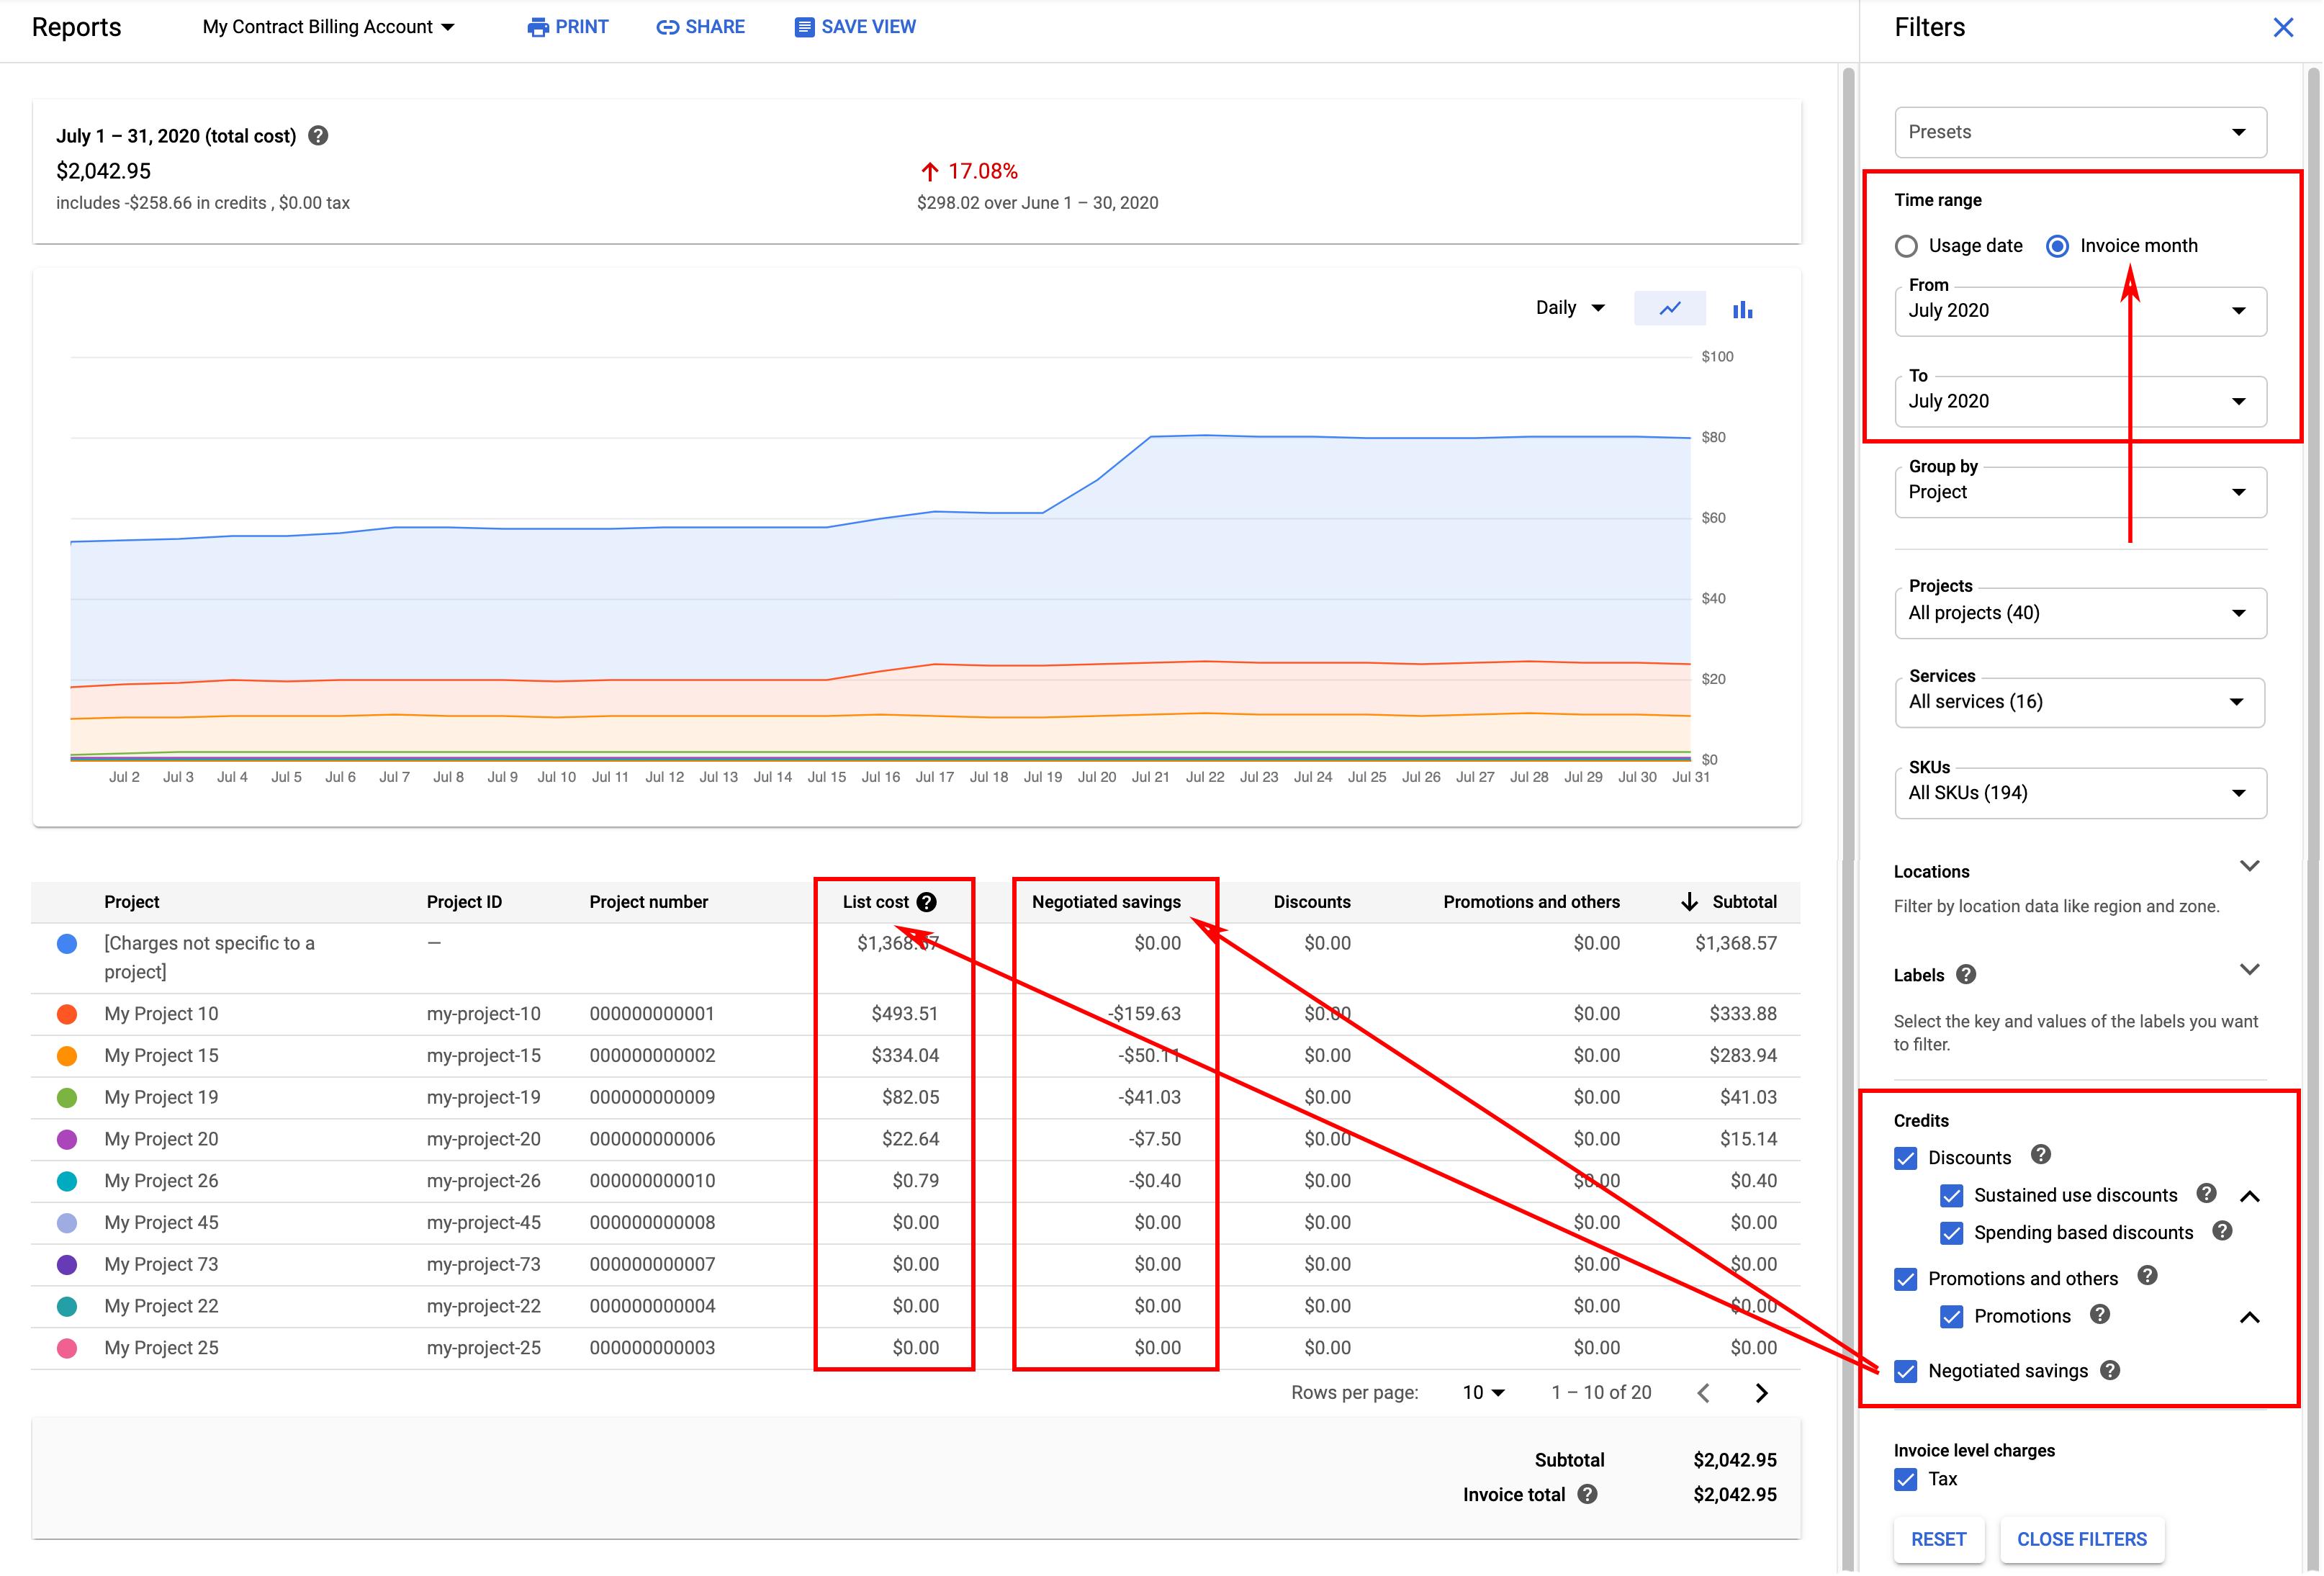 """Exemplo de um relatório de faturamento para uma Conta do Cloud Billing associada a um contrato de preços negociados mostrando os valores negociados como uma coluna de crédito, separados da coluna """"Custo de lista"""" que exibe o custo de uso base calculado com preços de lista."""